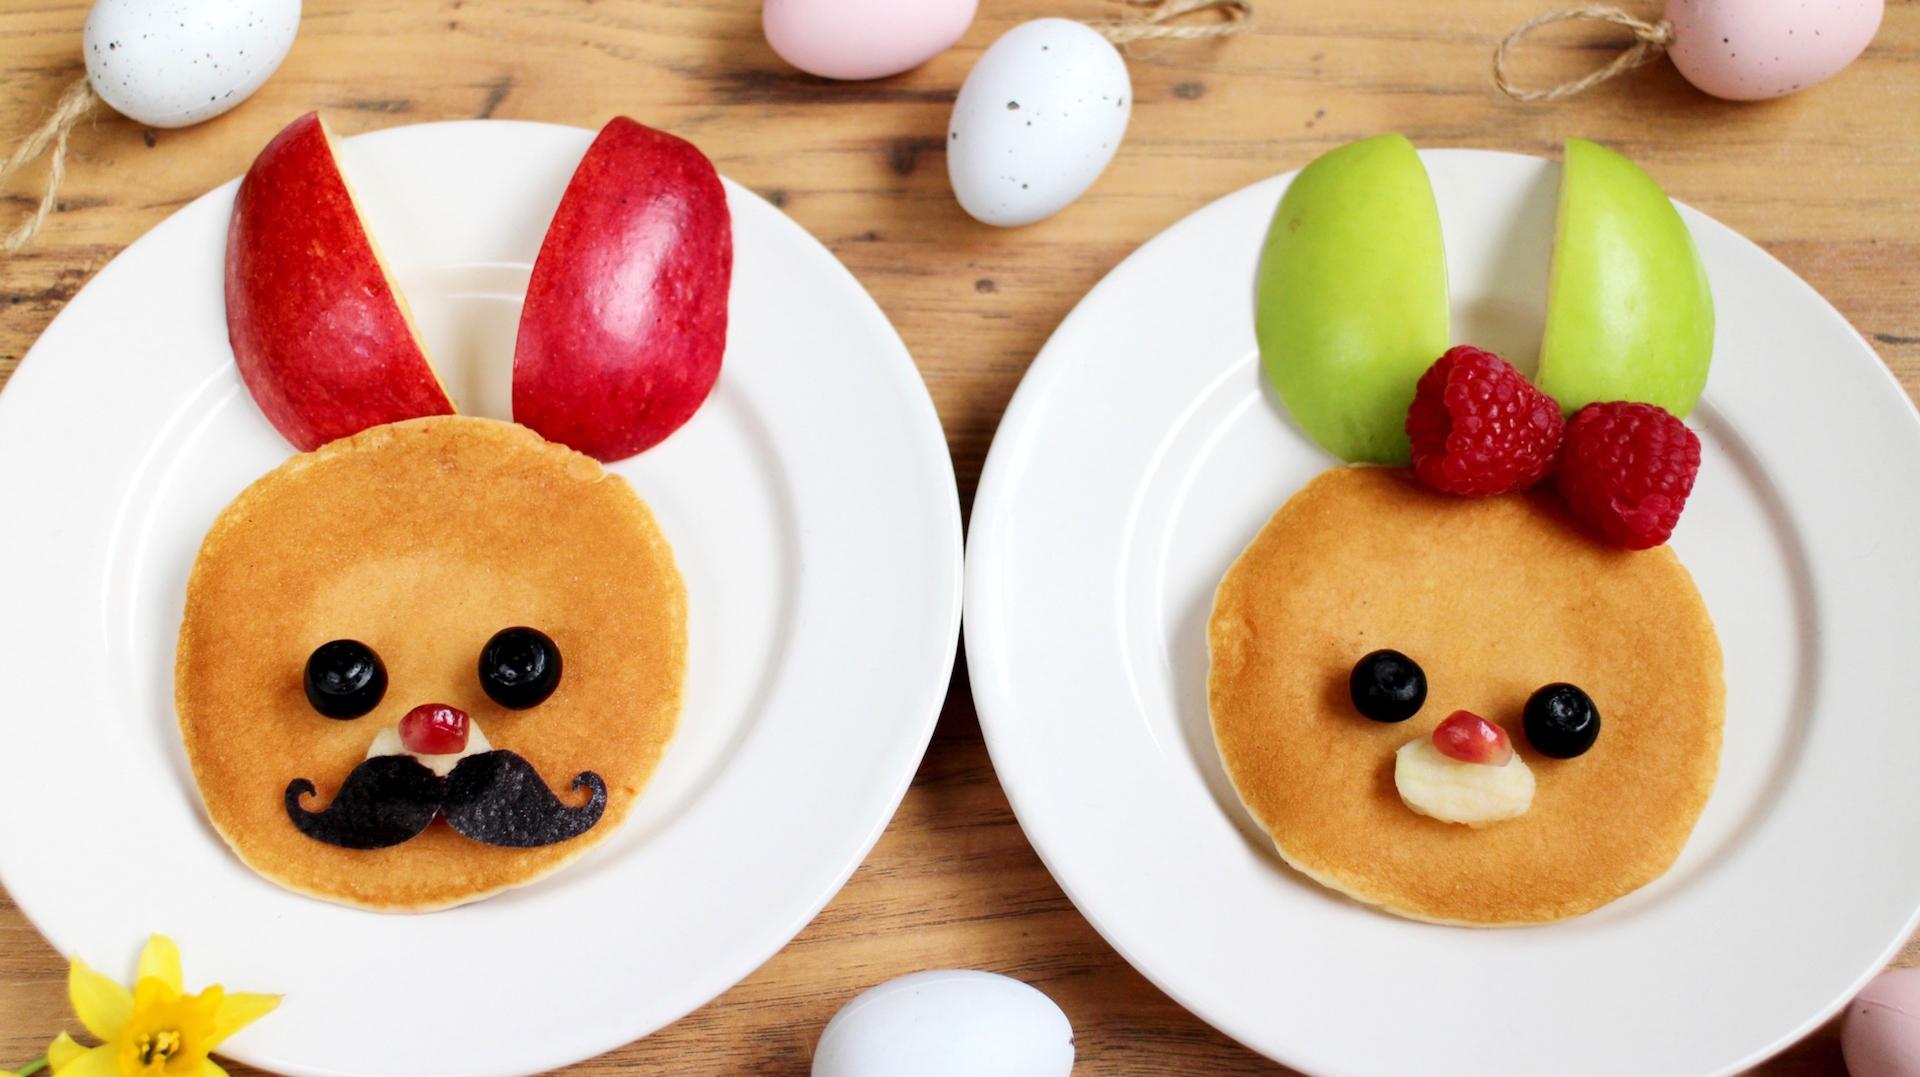 12 Cute Easter Breakfast Ideas Your Kids Will Love